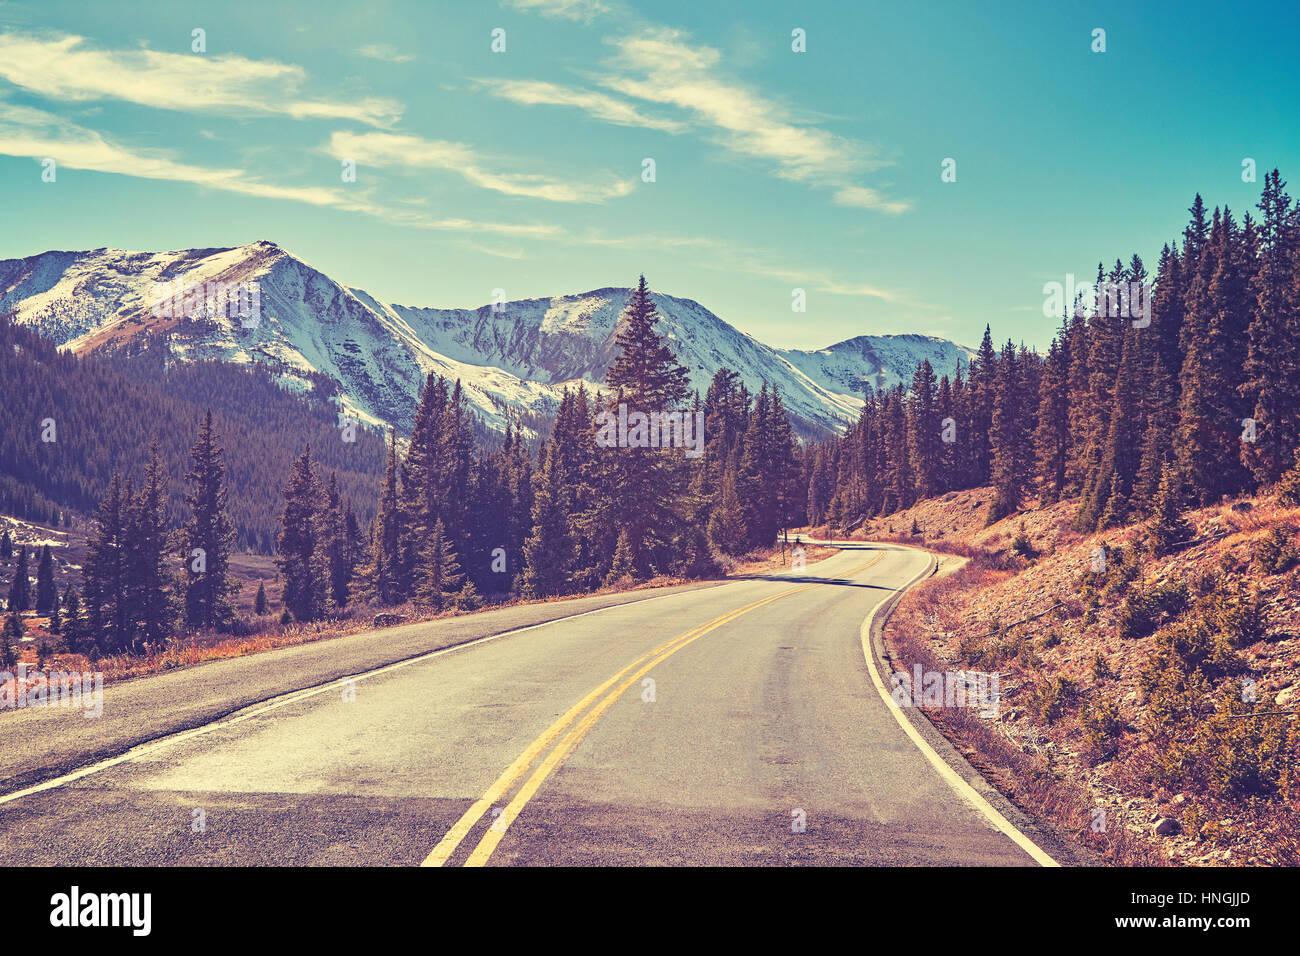 Couleur des Montagnes Rocheuses aux couleurs rétro road, Colorado, USA. Photo Stock